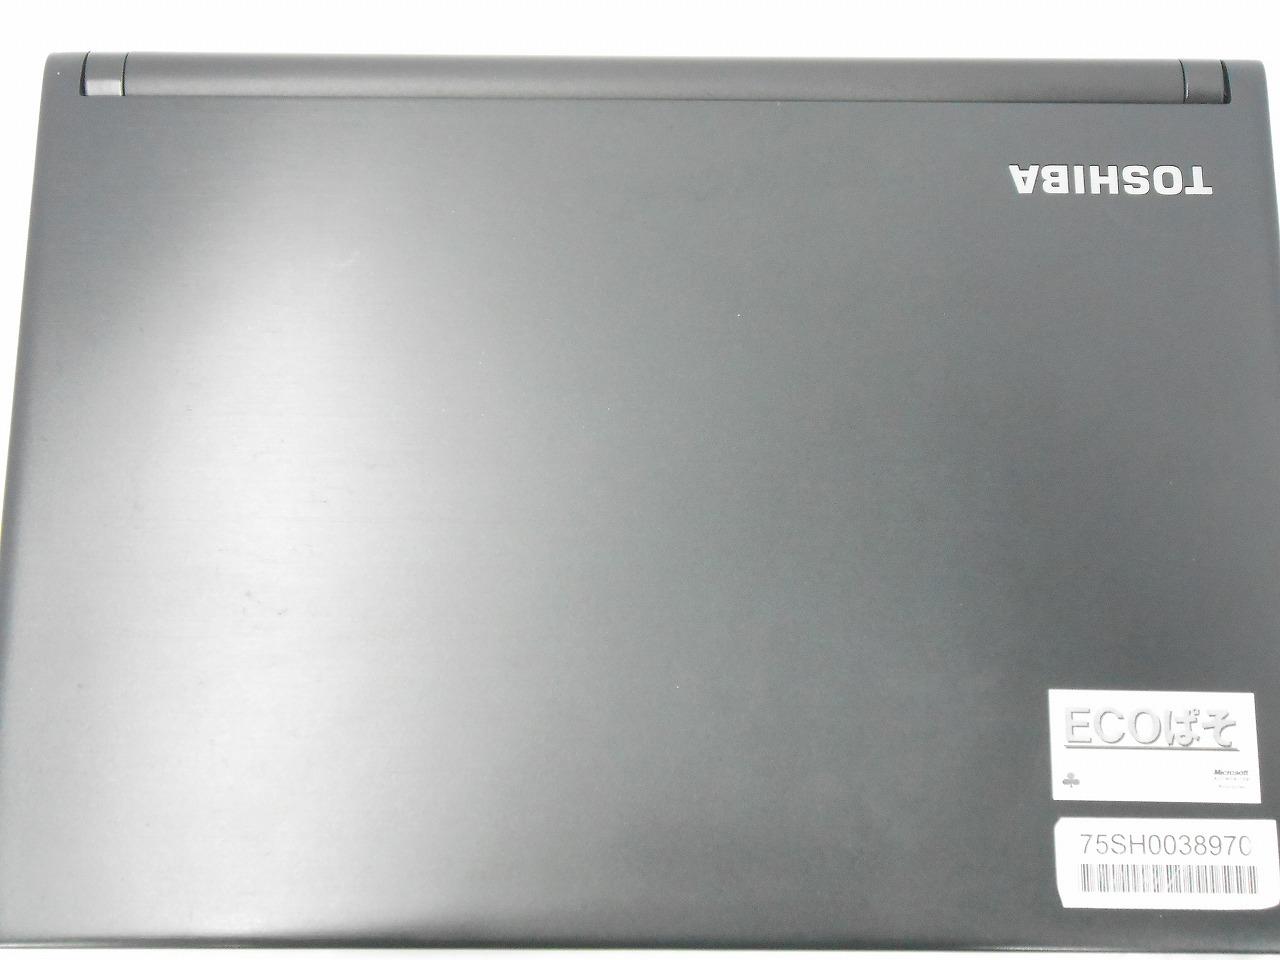 【外付けWEBカメラプレゼント】【中古】 dynabook R73/D/2017年モデル/Corei5 6300U 2.4GHz/メモリ8GB/SSD128GB/13インチ/Windows10Home【3ヶ月保証】【足立店発送】